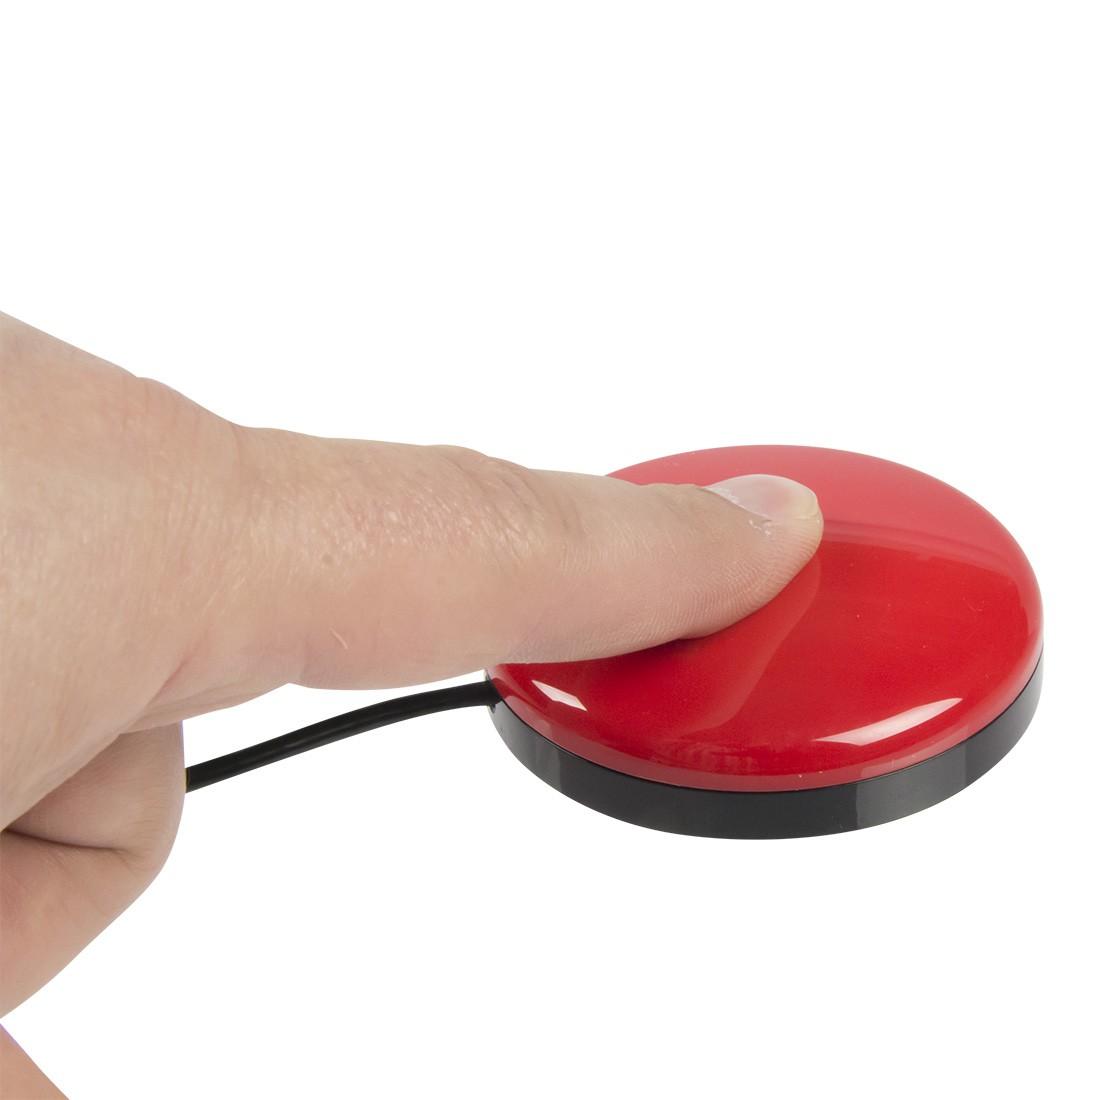 pulsador Switch accesible para discapacitados colombia pulsador paralisis autismo